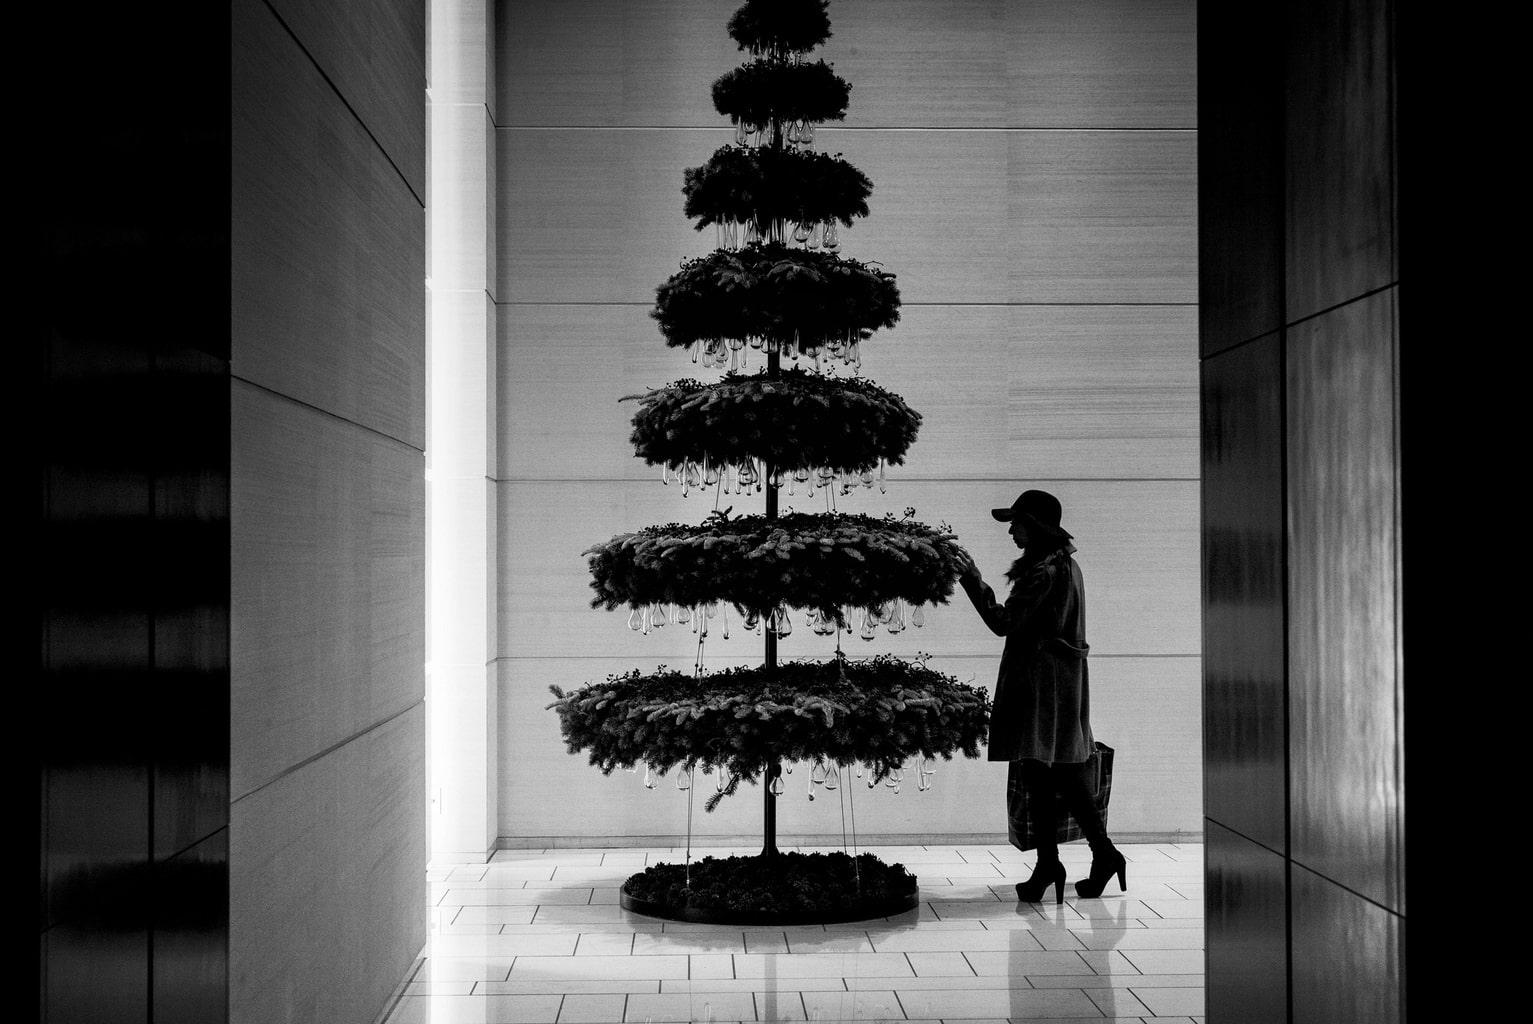 El blanco y negro también existe en Navidad